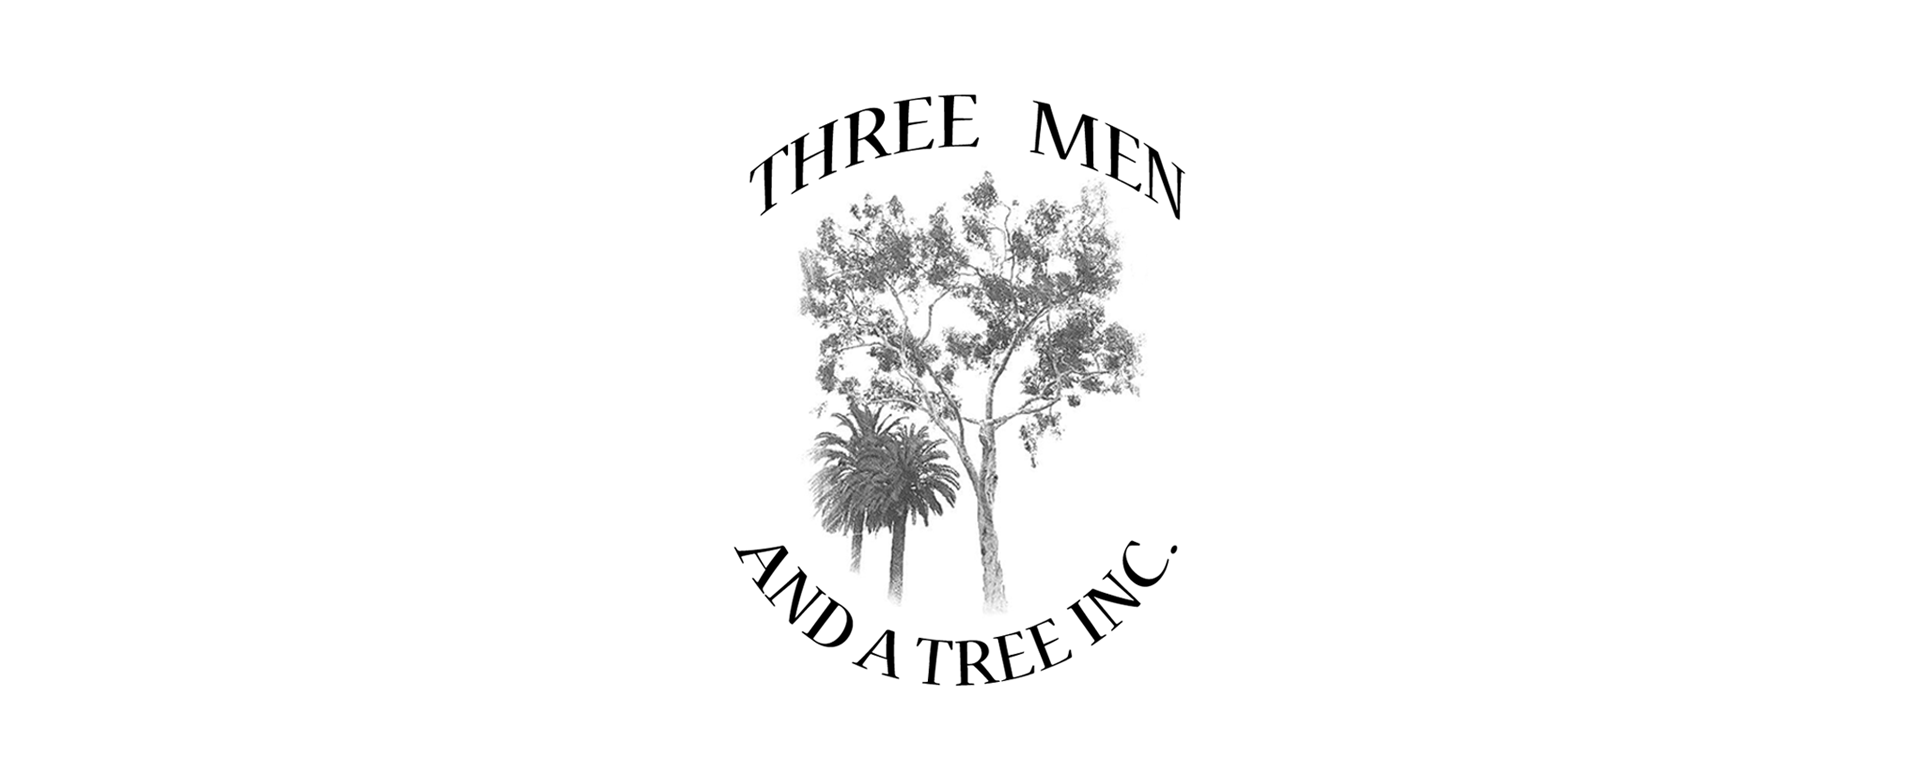 Three Men and a Tree